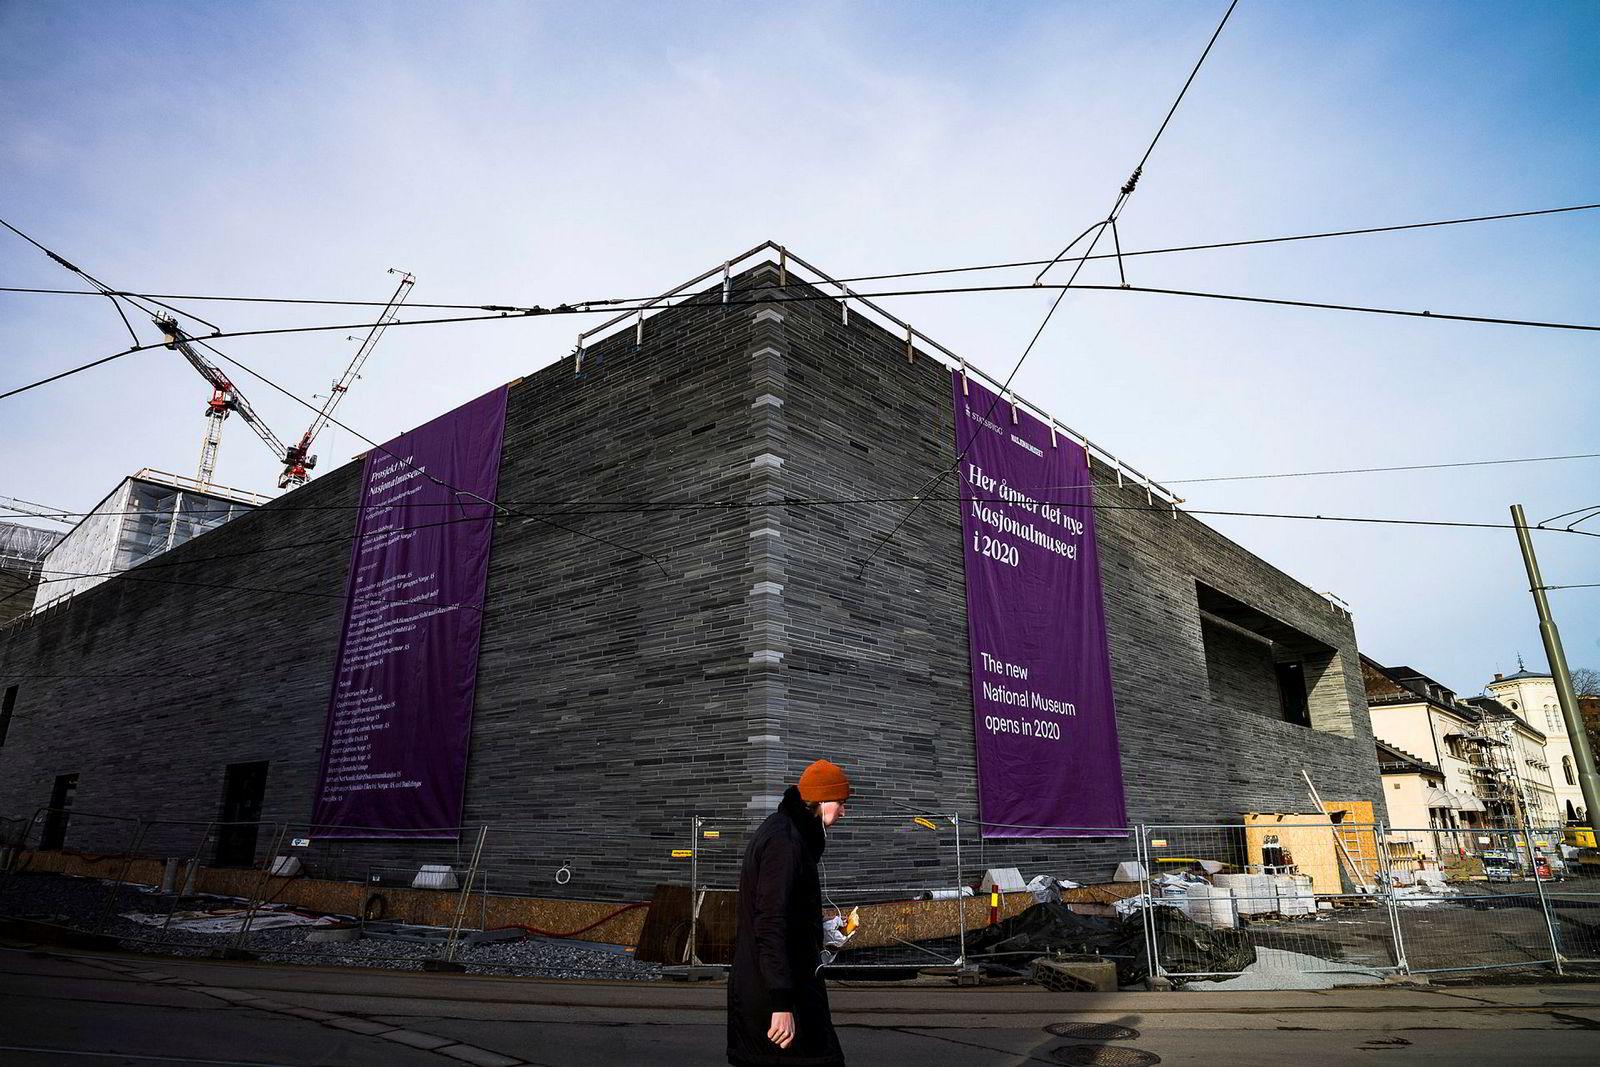 Bomek har tapt stort på 100 millioners kontrakten til Nasjonalmuseet.